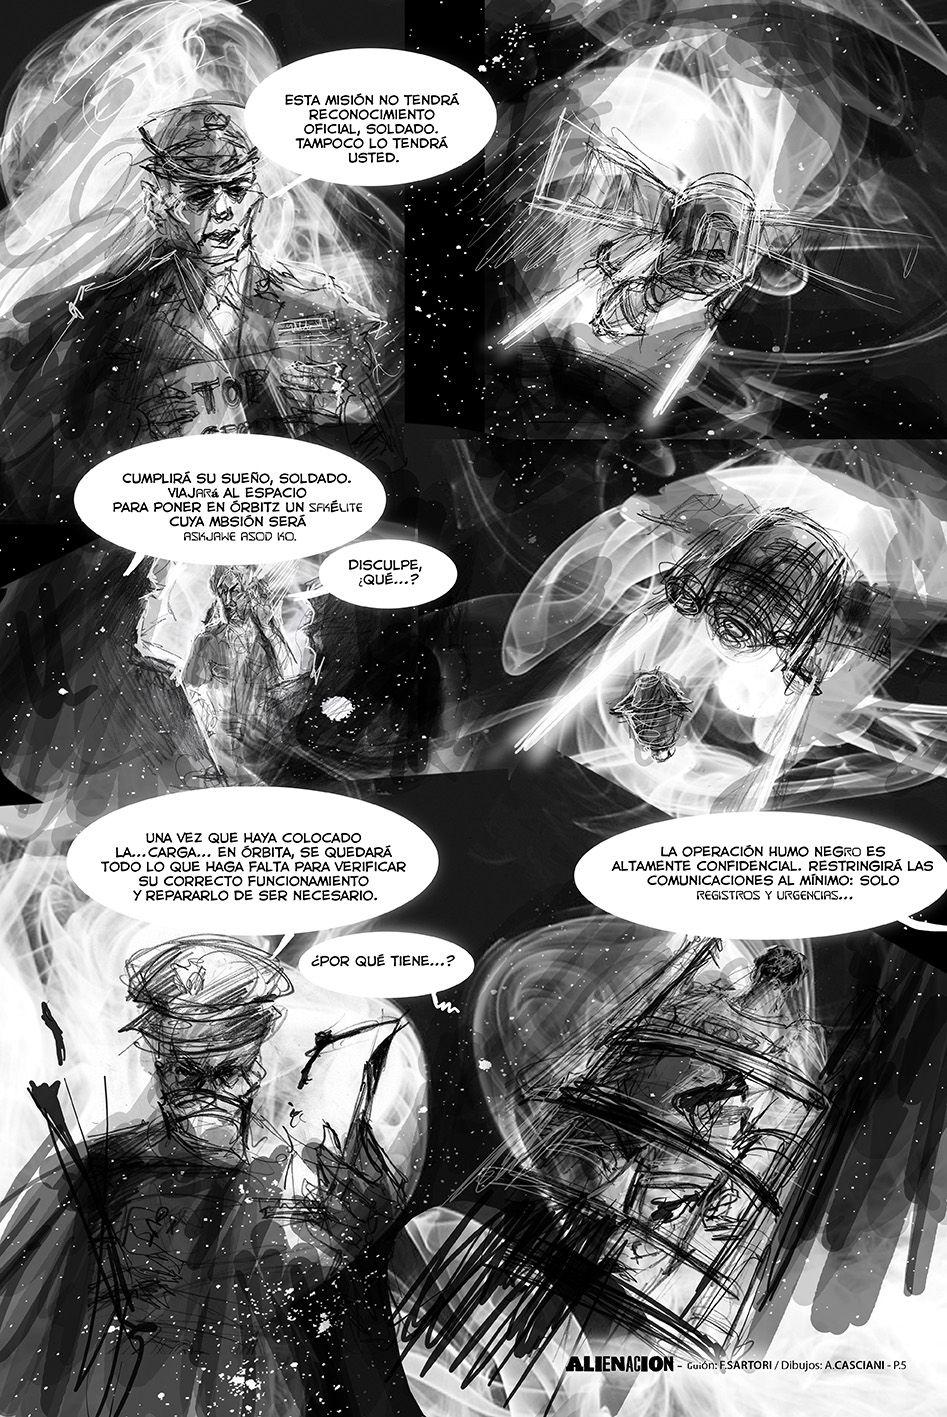 """""""AlieNación"""" (p5) novela gráfica con guión de Federico Sartori y dibujos de Andrés Casciani - 2016 para Alquimia Comics: https://alquimiacomics.wordpress.com/  http://andrescasciani.com/"""